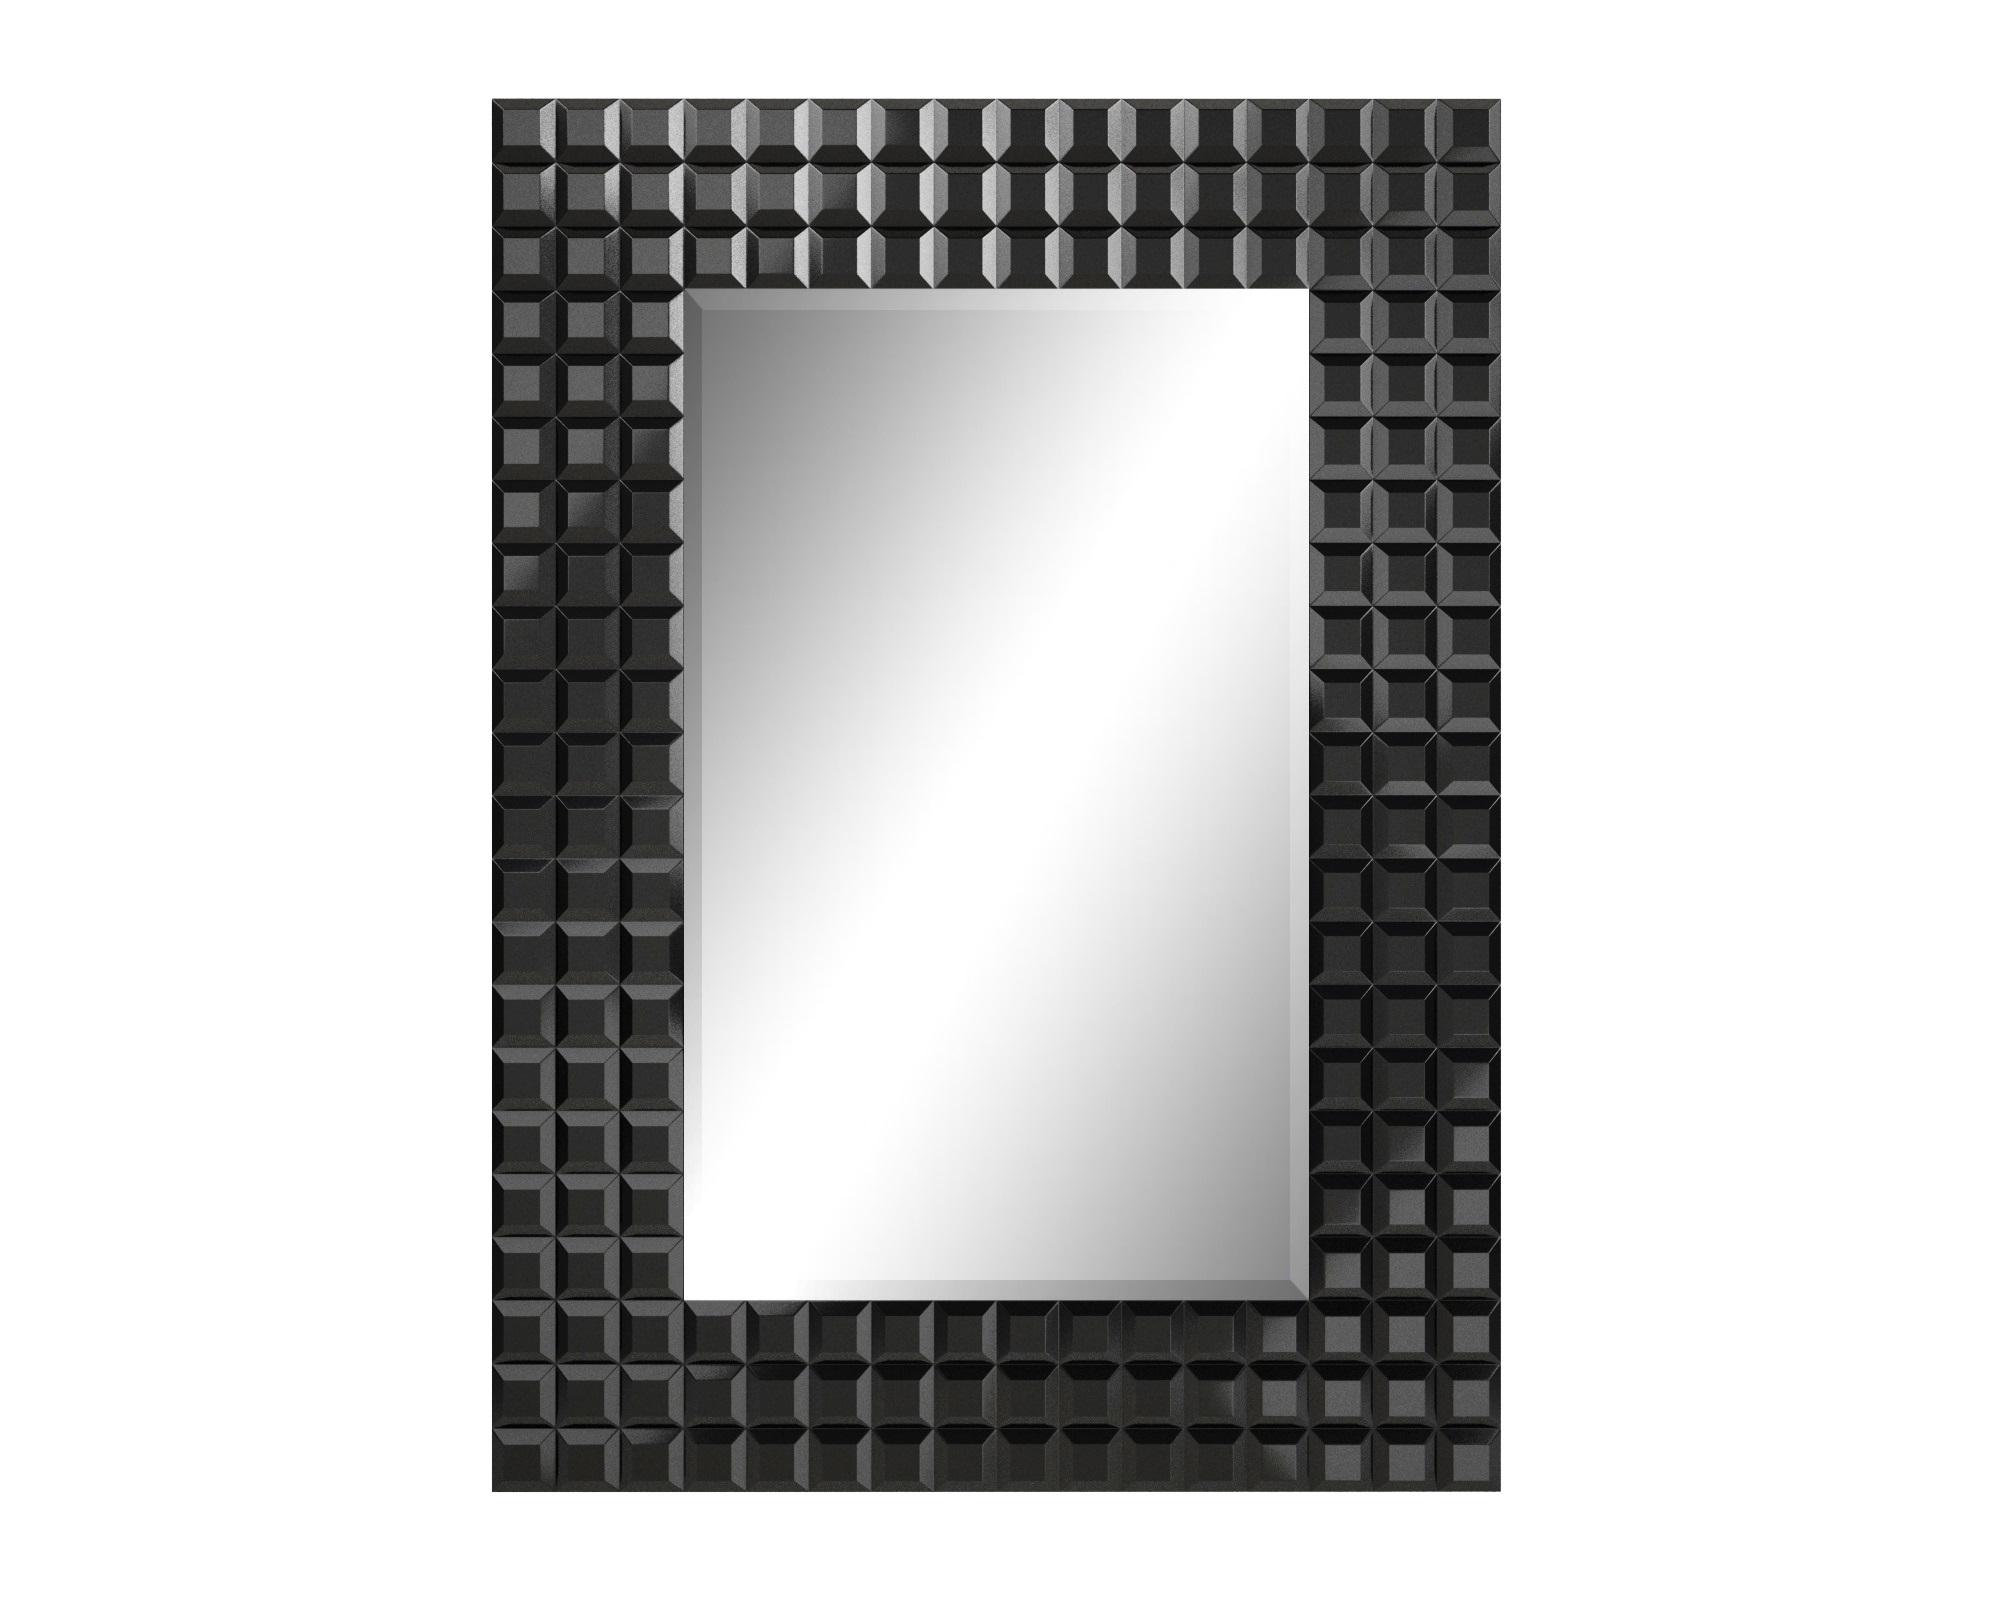 Зеркало Ambicioni 15437953 от thefurnish